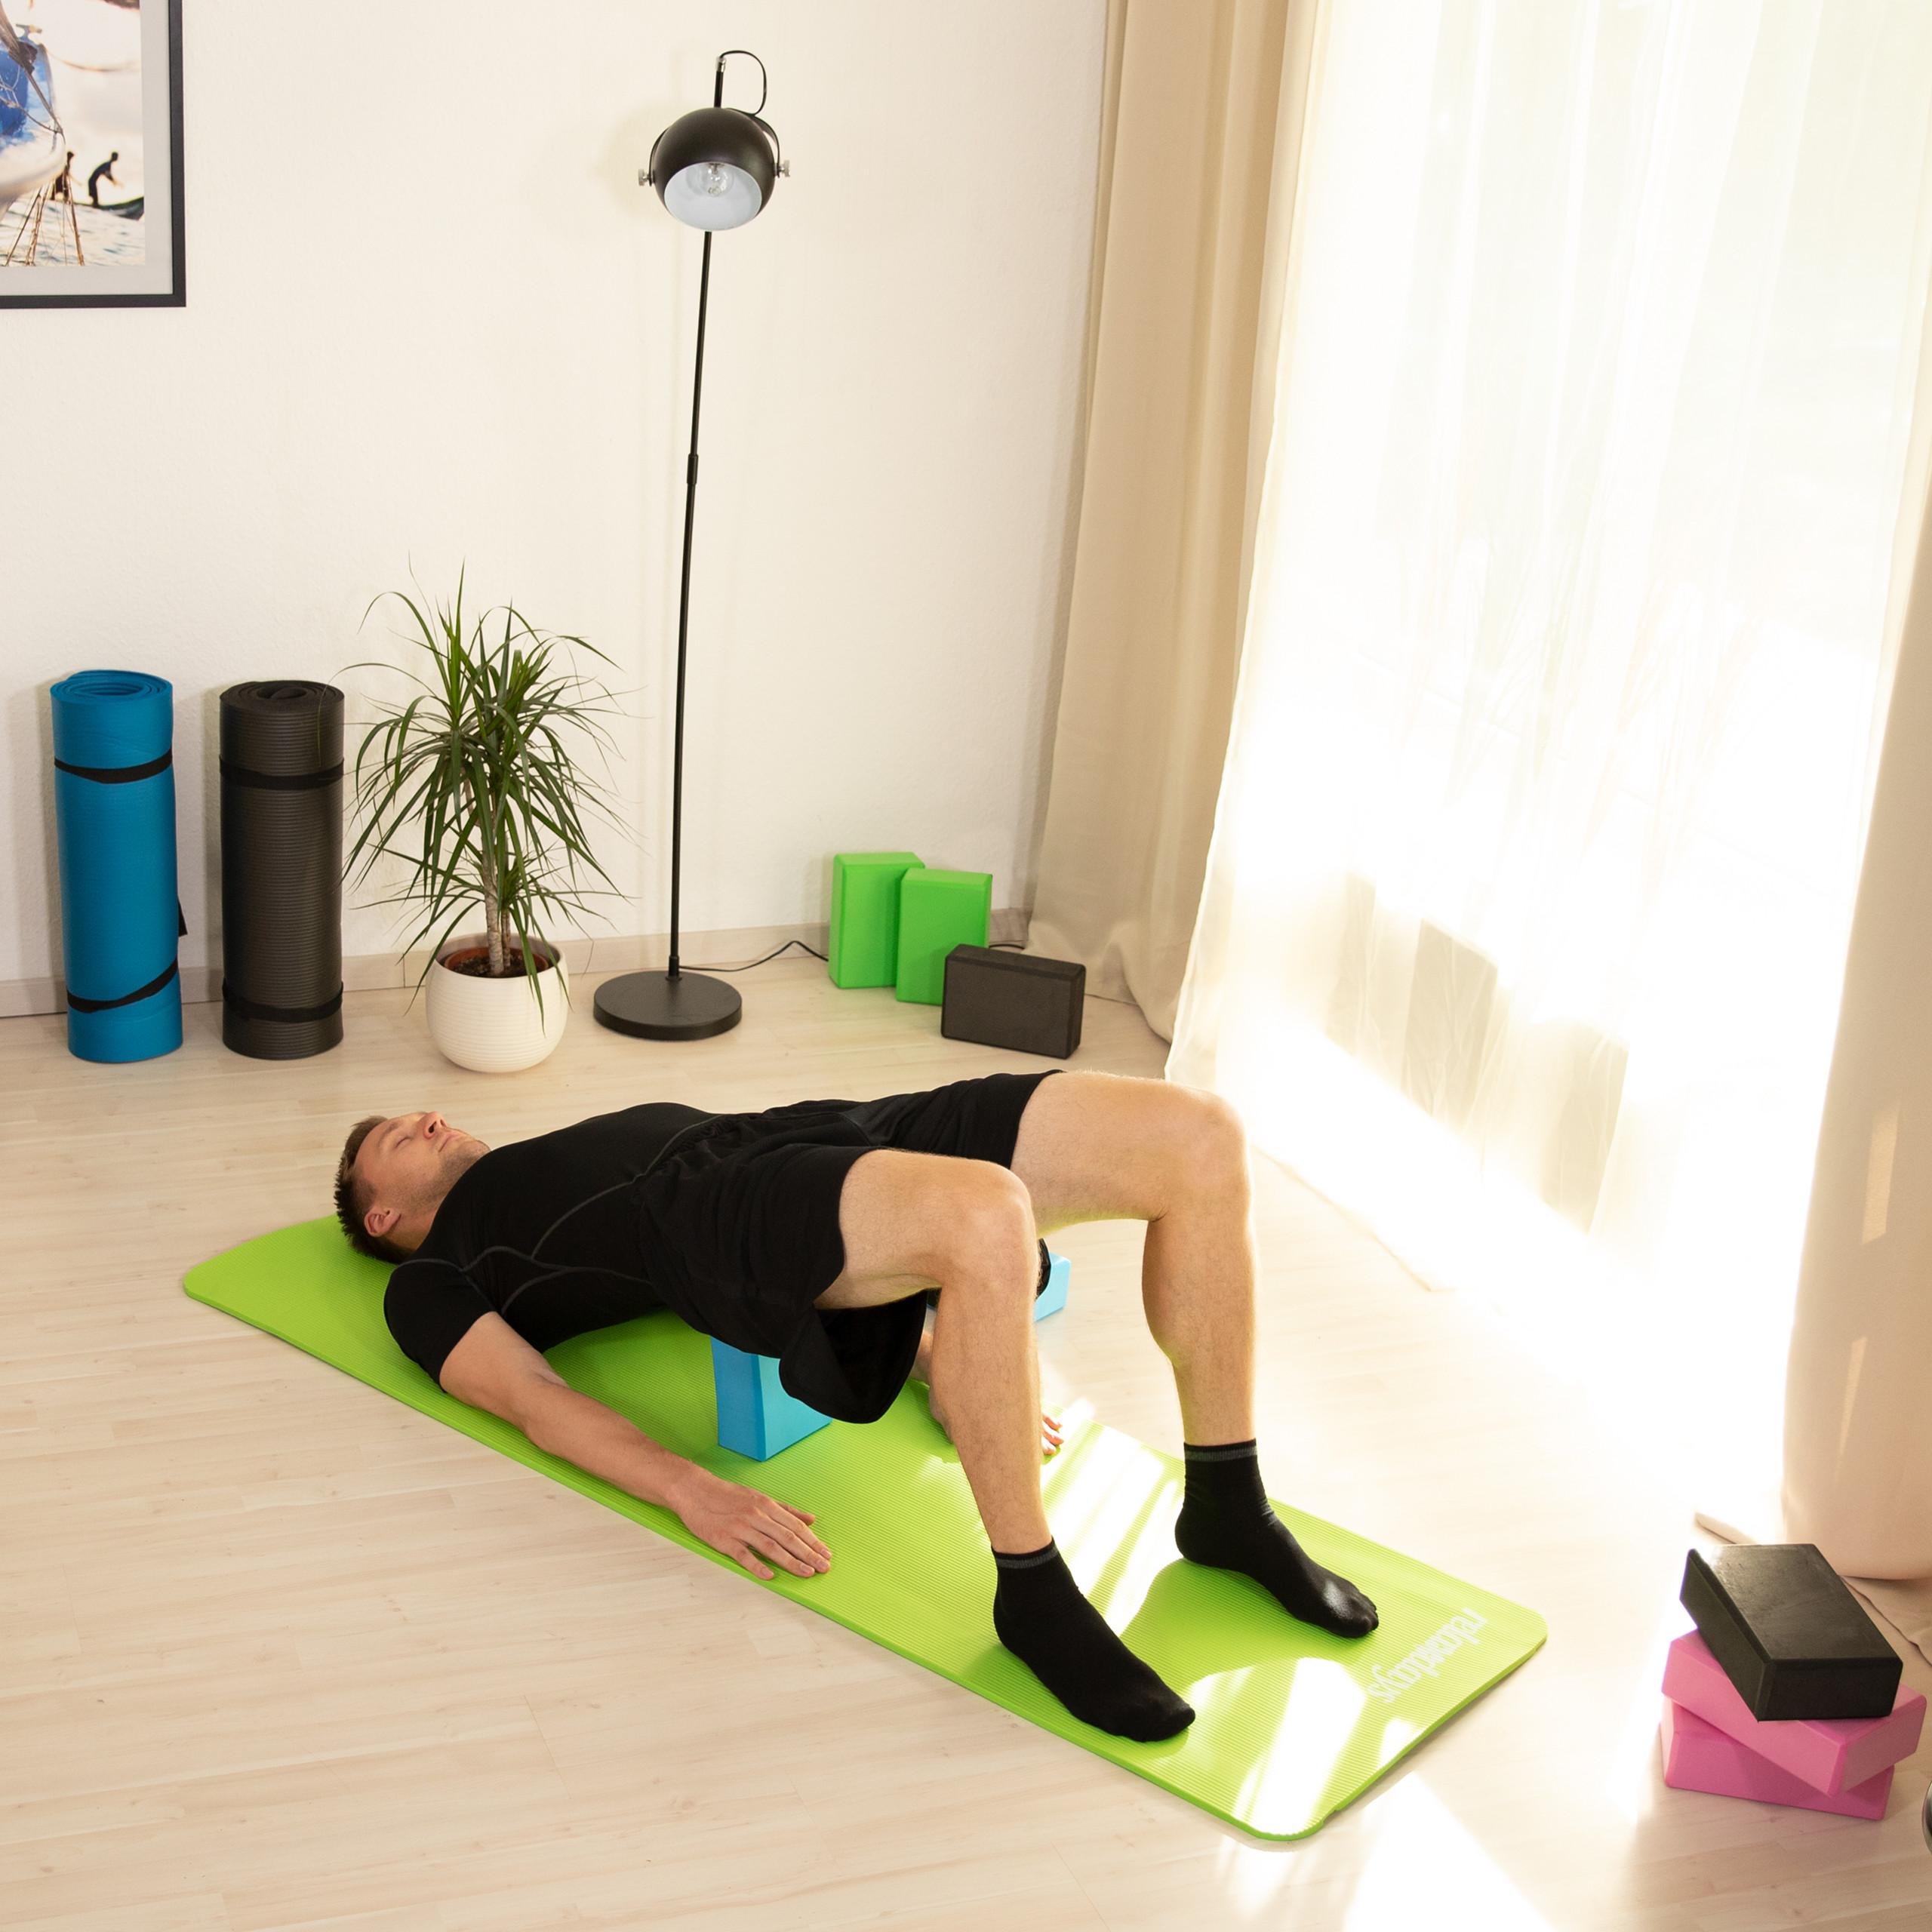 Pack-de-2-bloques-yoga-de-gomaespuma-Tacos-yoga-en-varios-colores-Ladrillos-yoga miniatura 4